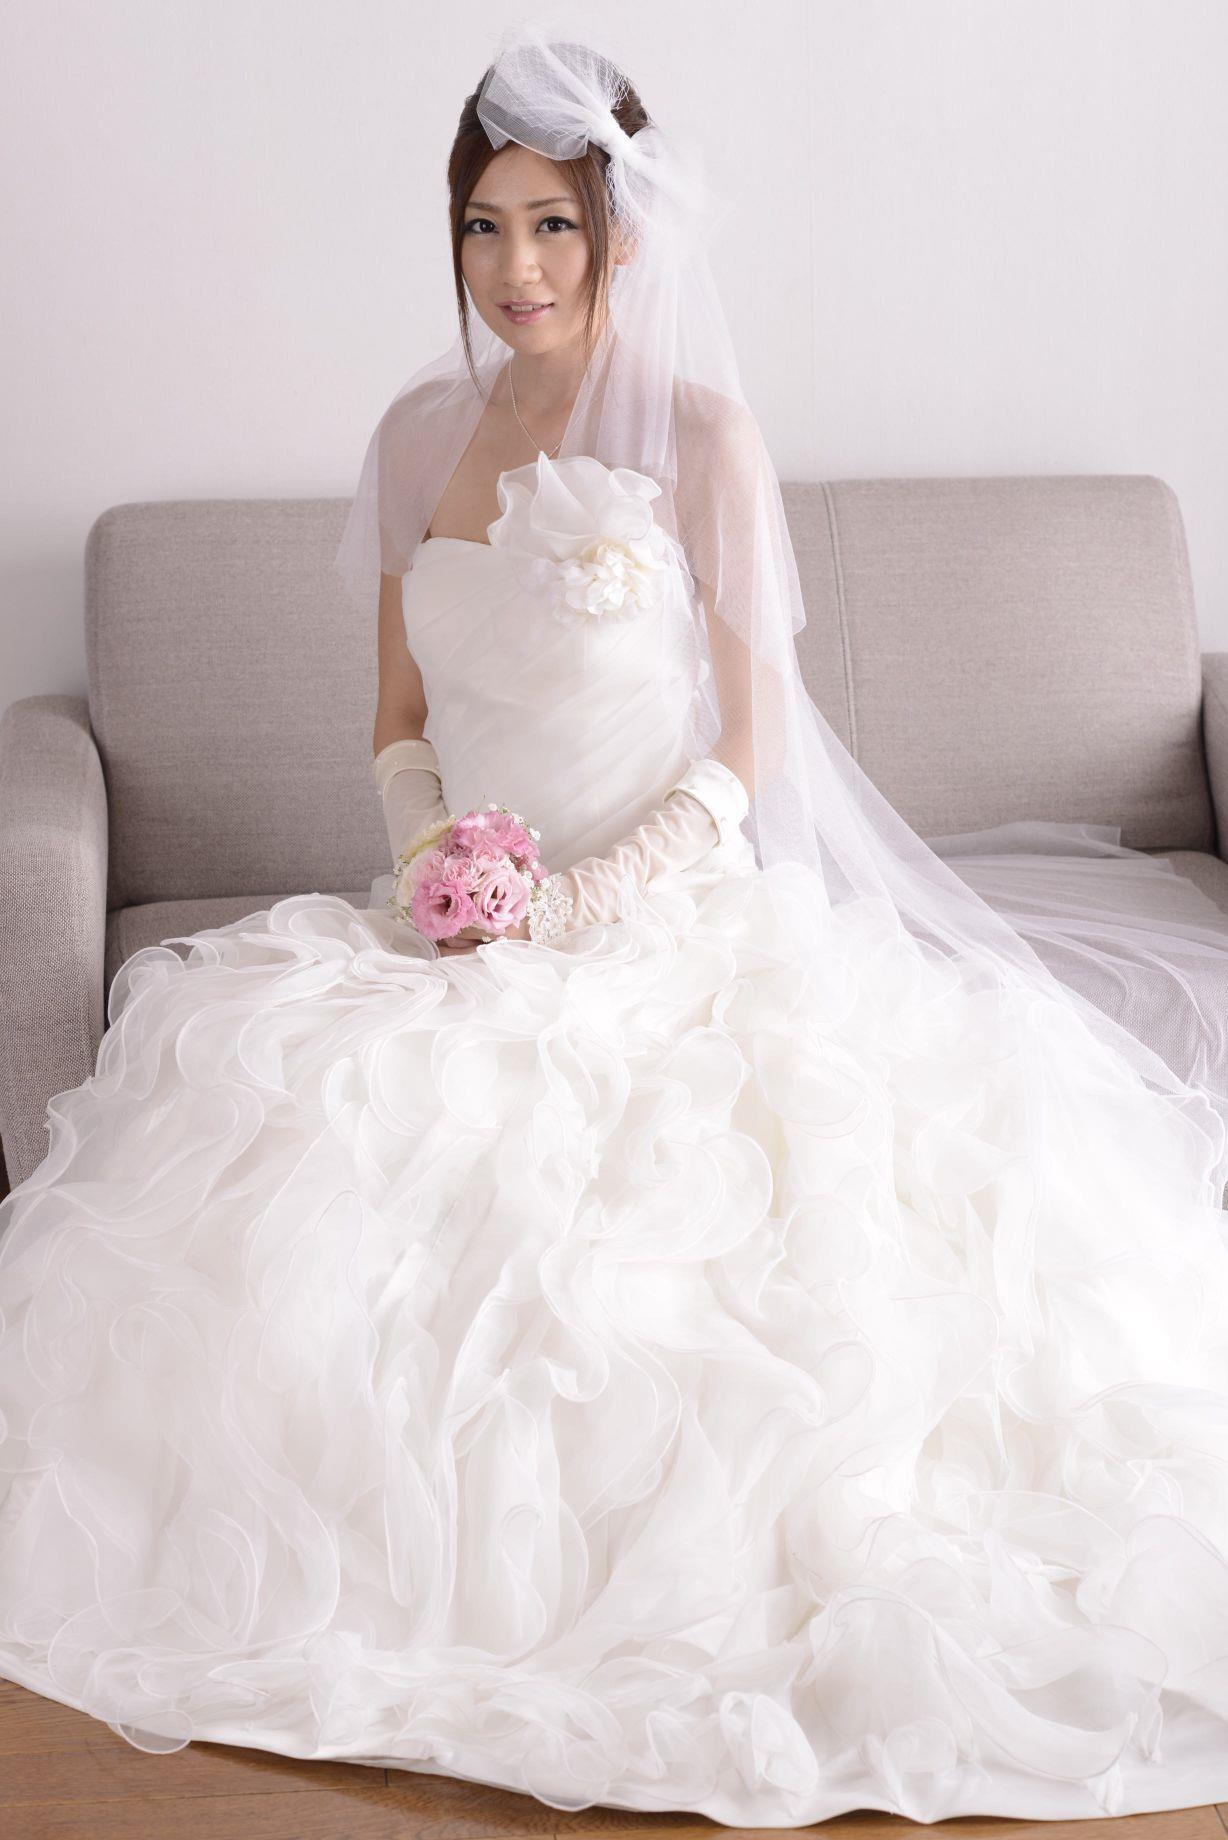 前田かおり ウェディングドレス画像 38